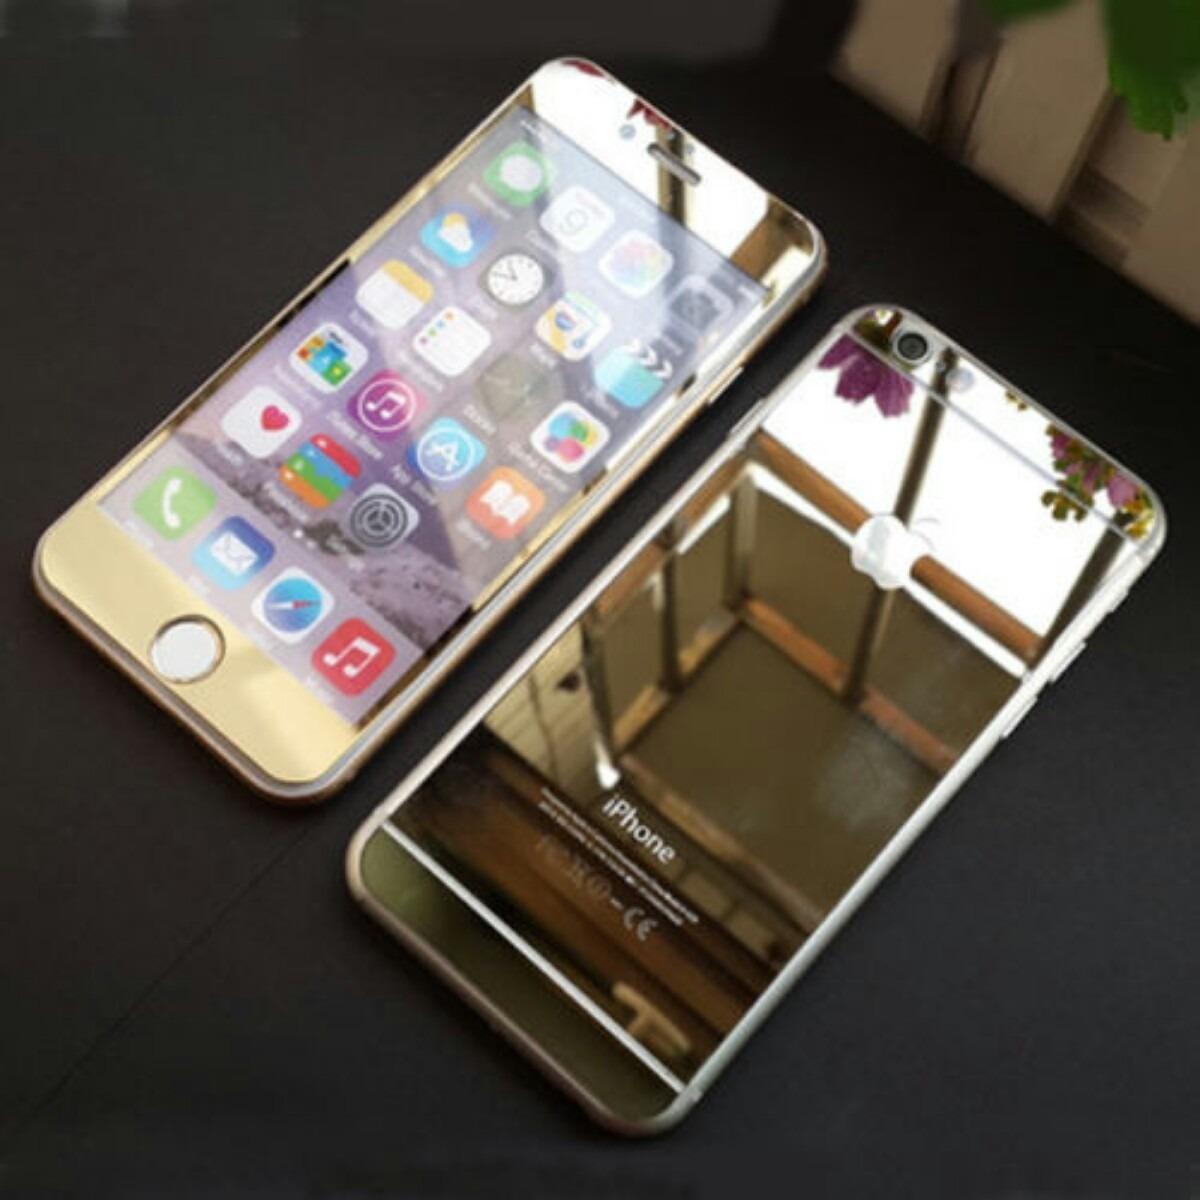 Micas Cristal Templado Iphone 6 5 Frontal Y Trasera